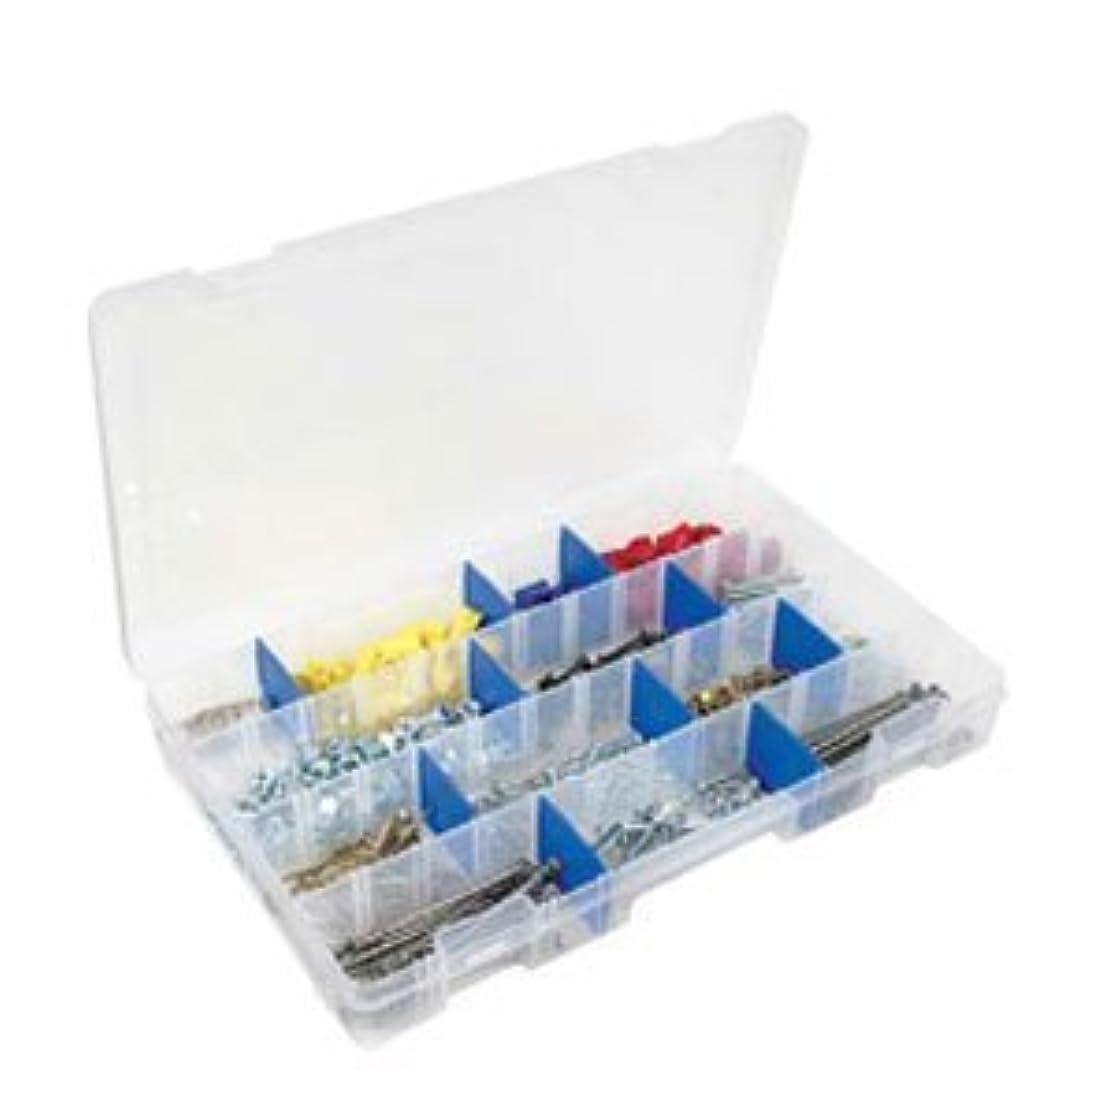 電気的ゴージャス無Flambeau 5004 Tuff Tainer See-Through Storage Box, 4 Fixed Compartments, 15 Zerust Dividers